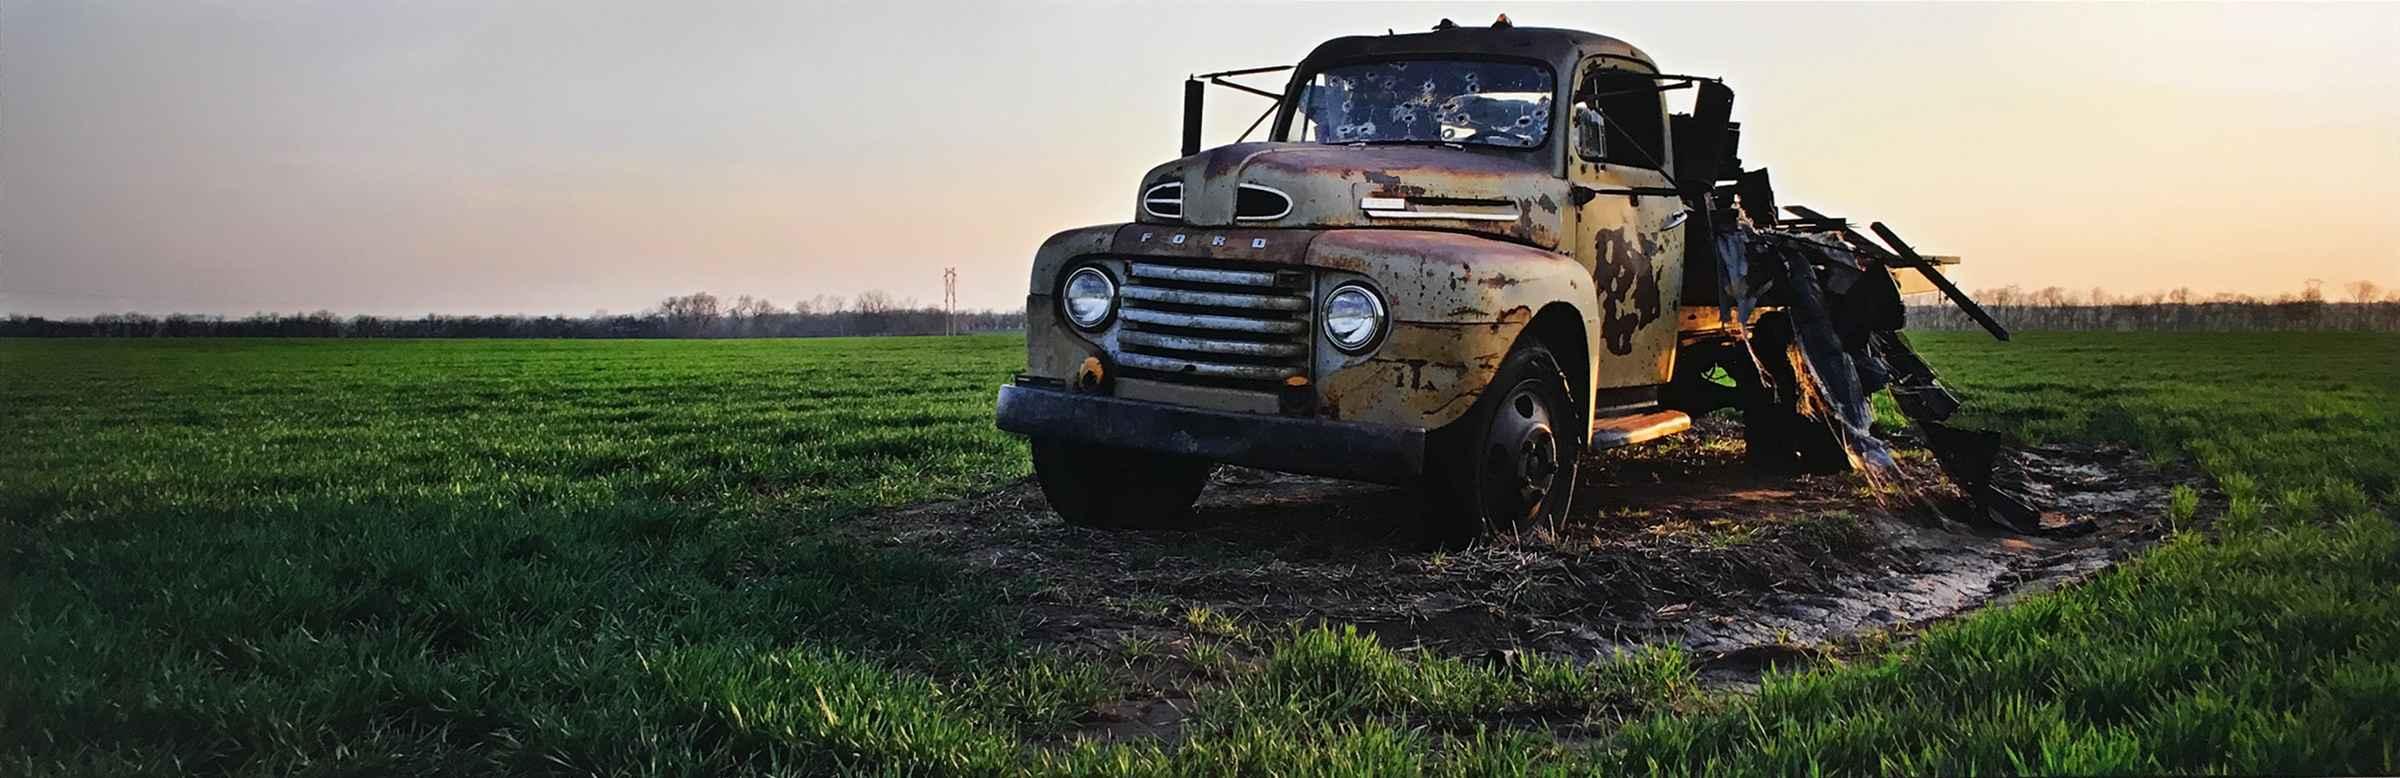 Truck, Saline Co. by  George Jerkovich - Masterpiece Online